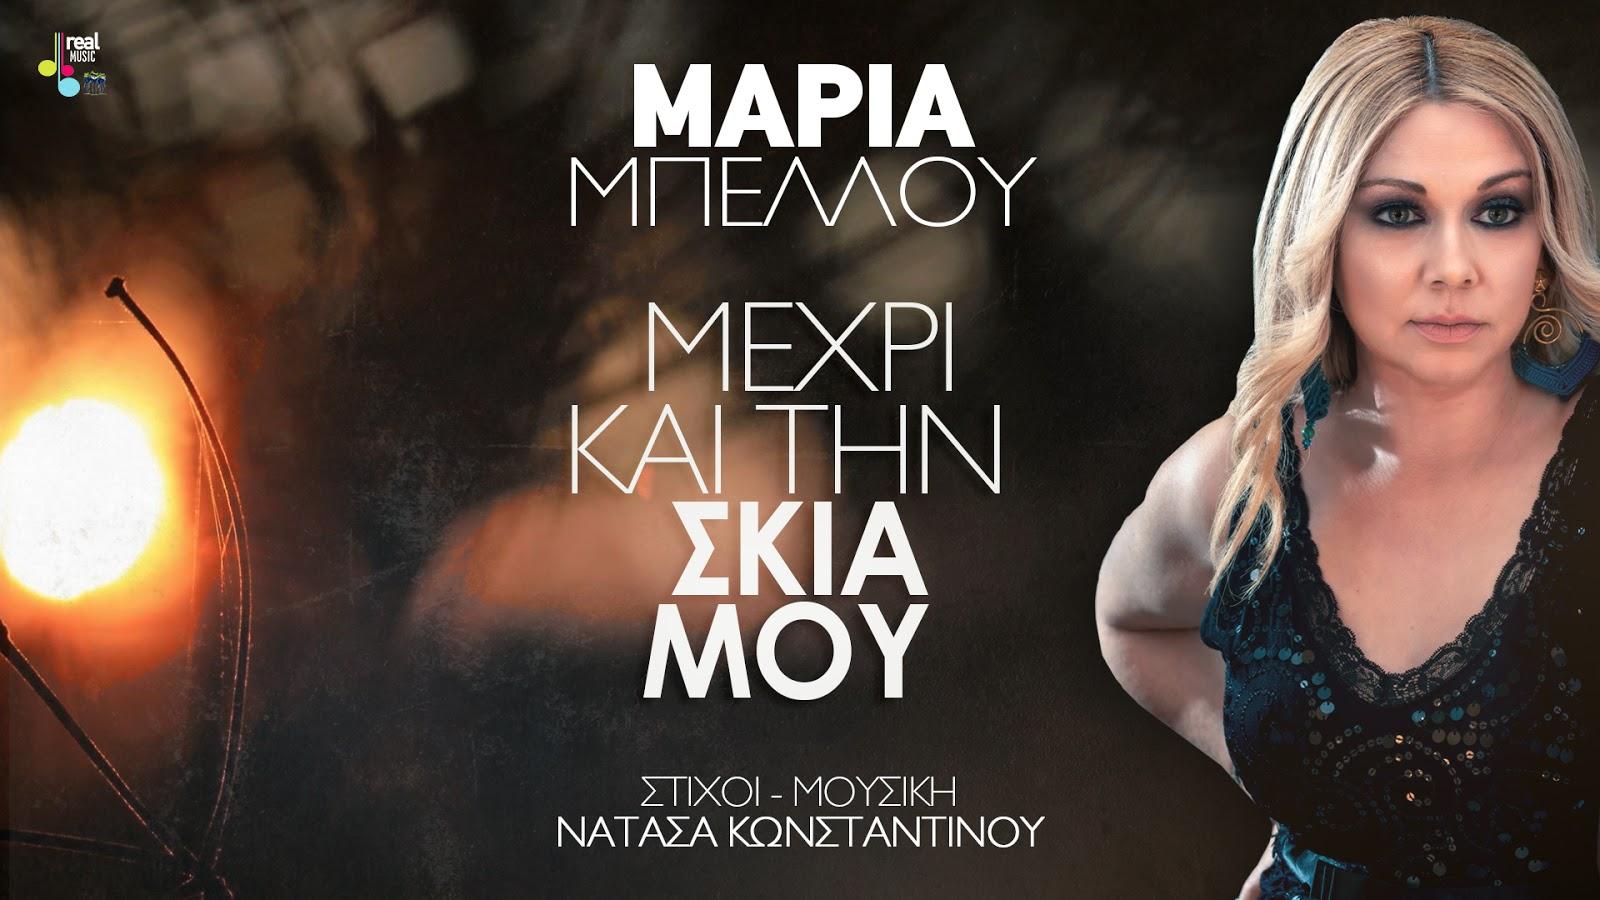 """Μαρία Μπέλλου """"Μέχρι και την σκιά μου"""" - Κυκλοφορεί από την Real Music"""